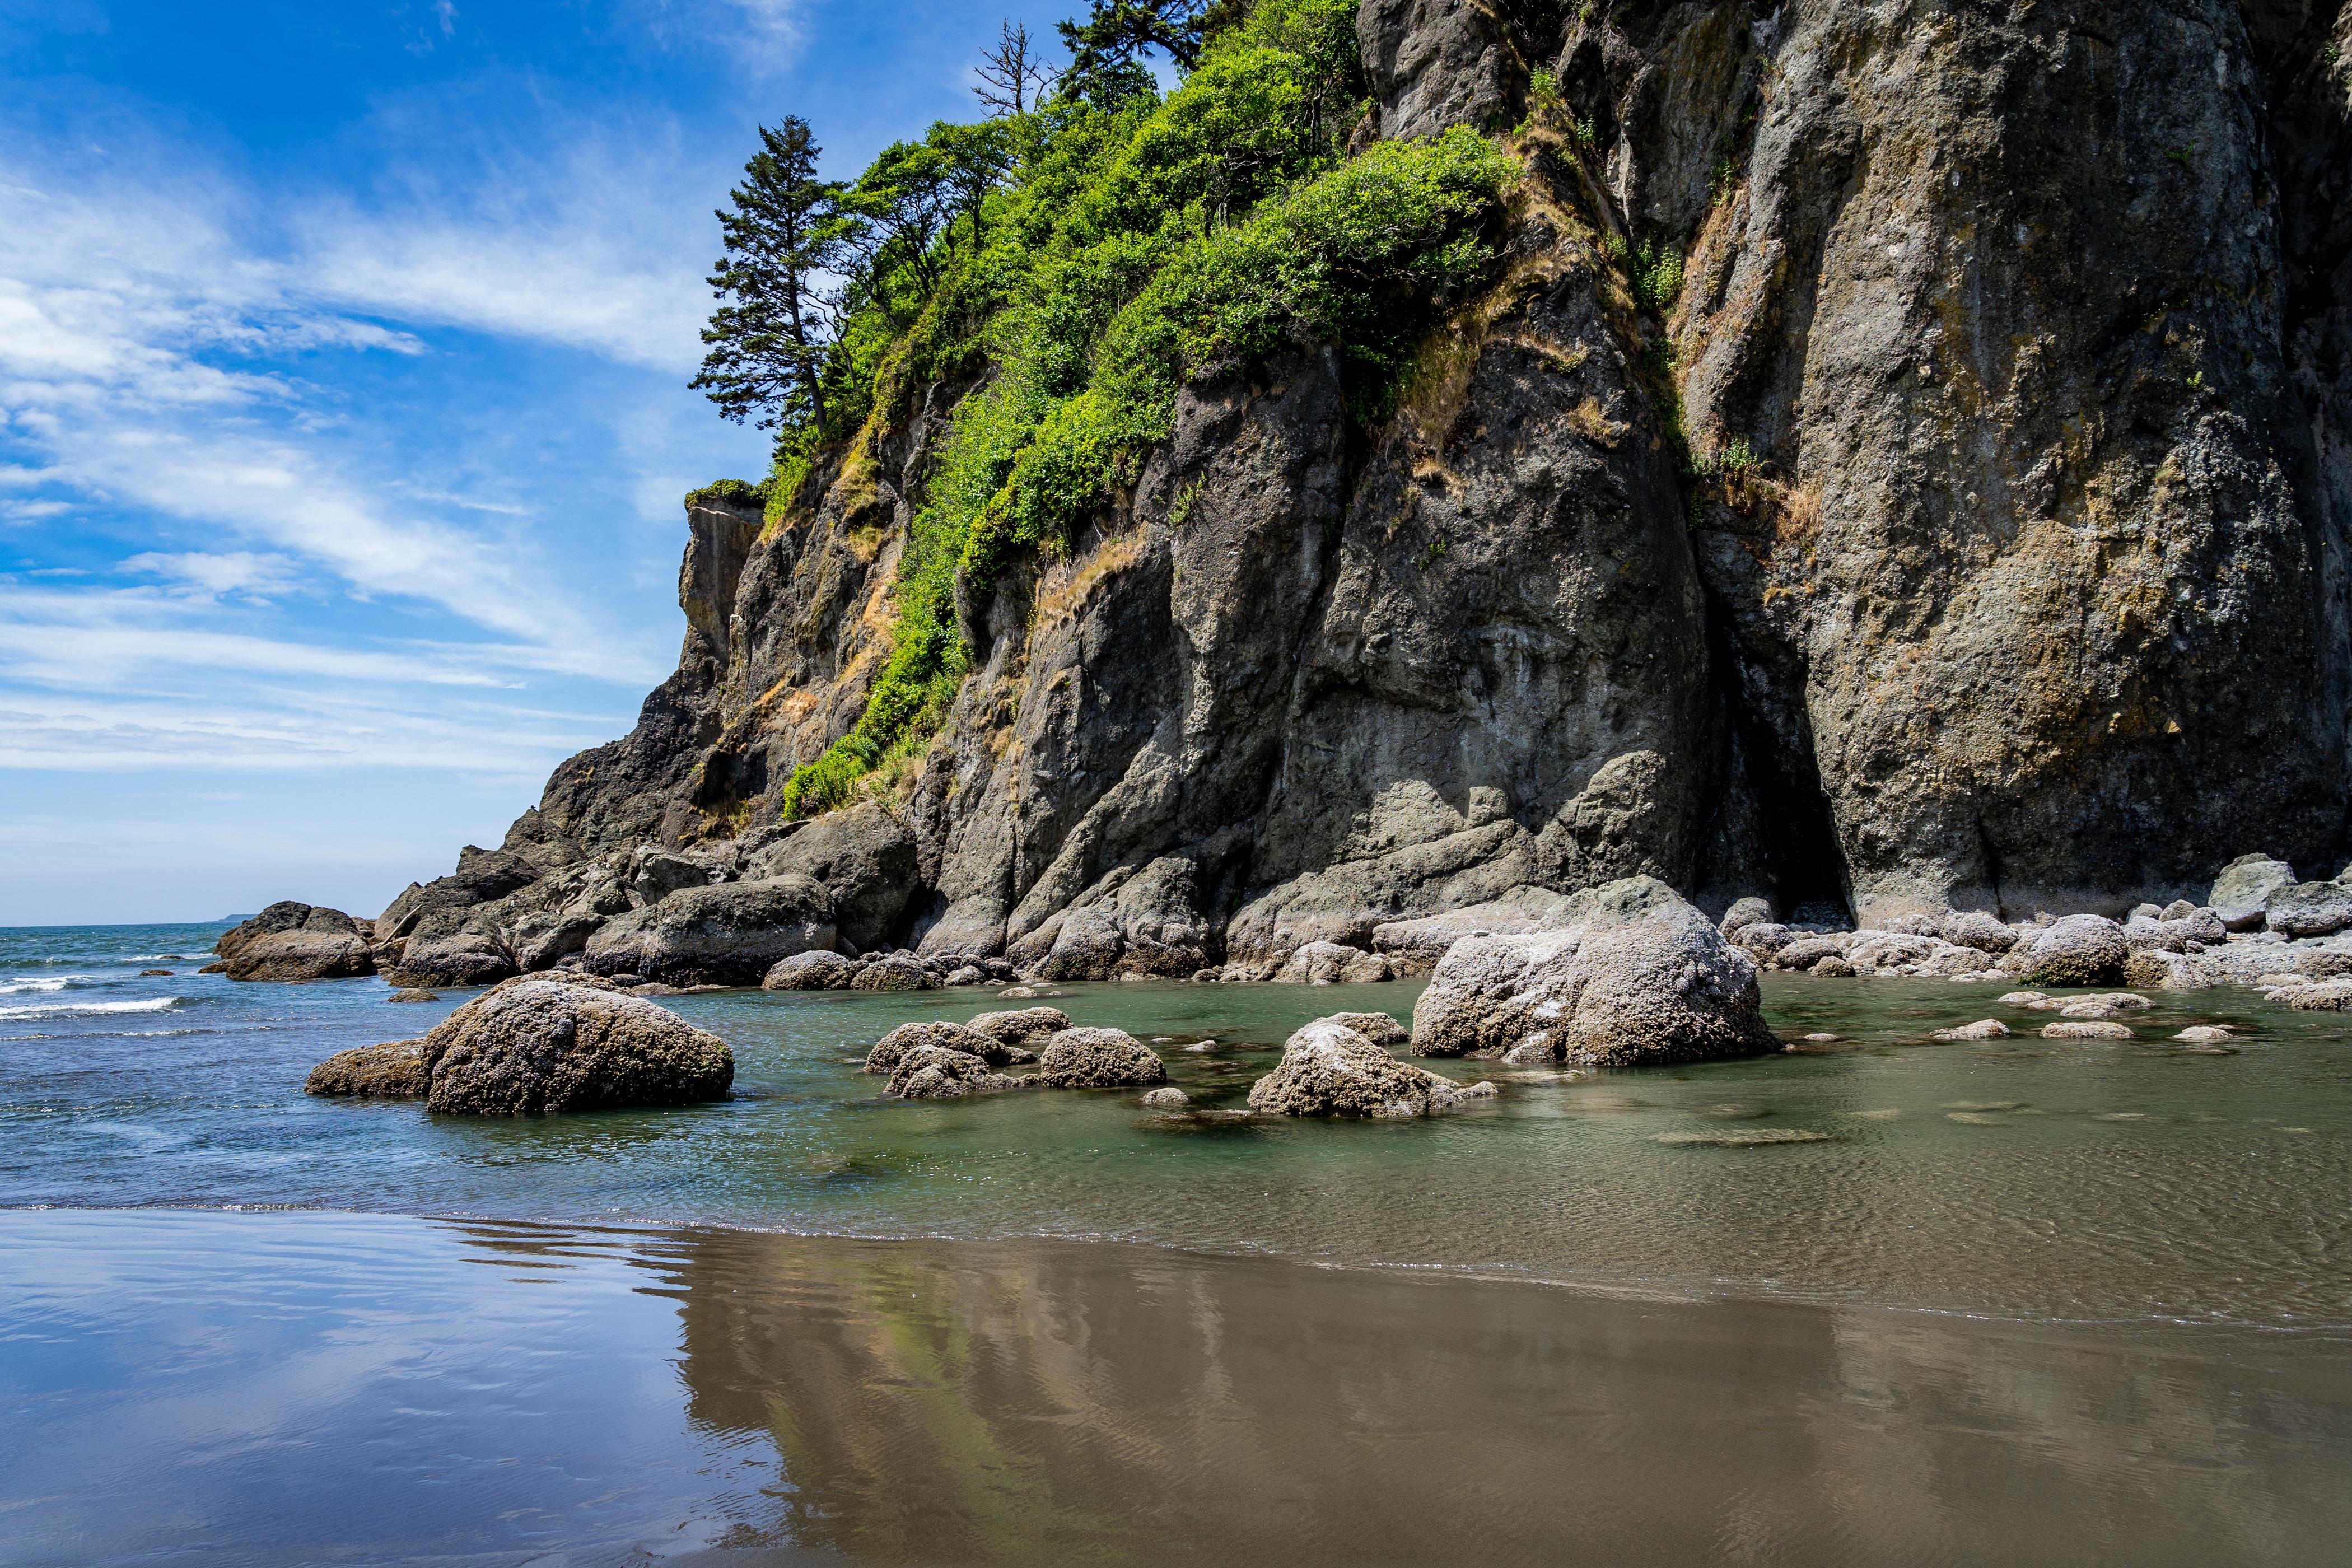 Фото Вашингтон США Quileute Reservation скале Природа Камень штаты америка Утес скалы Скала Камни